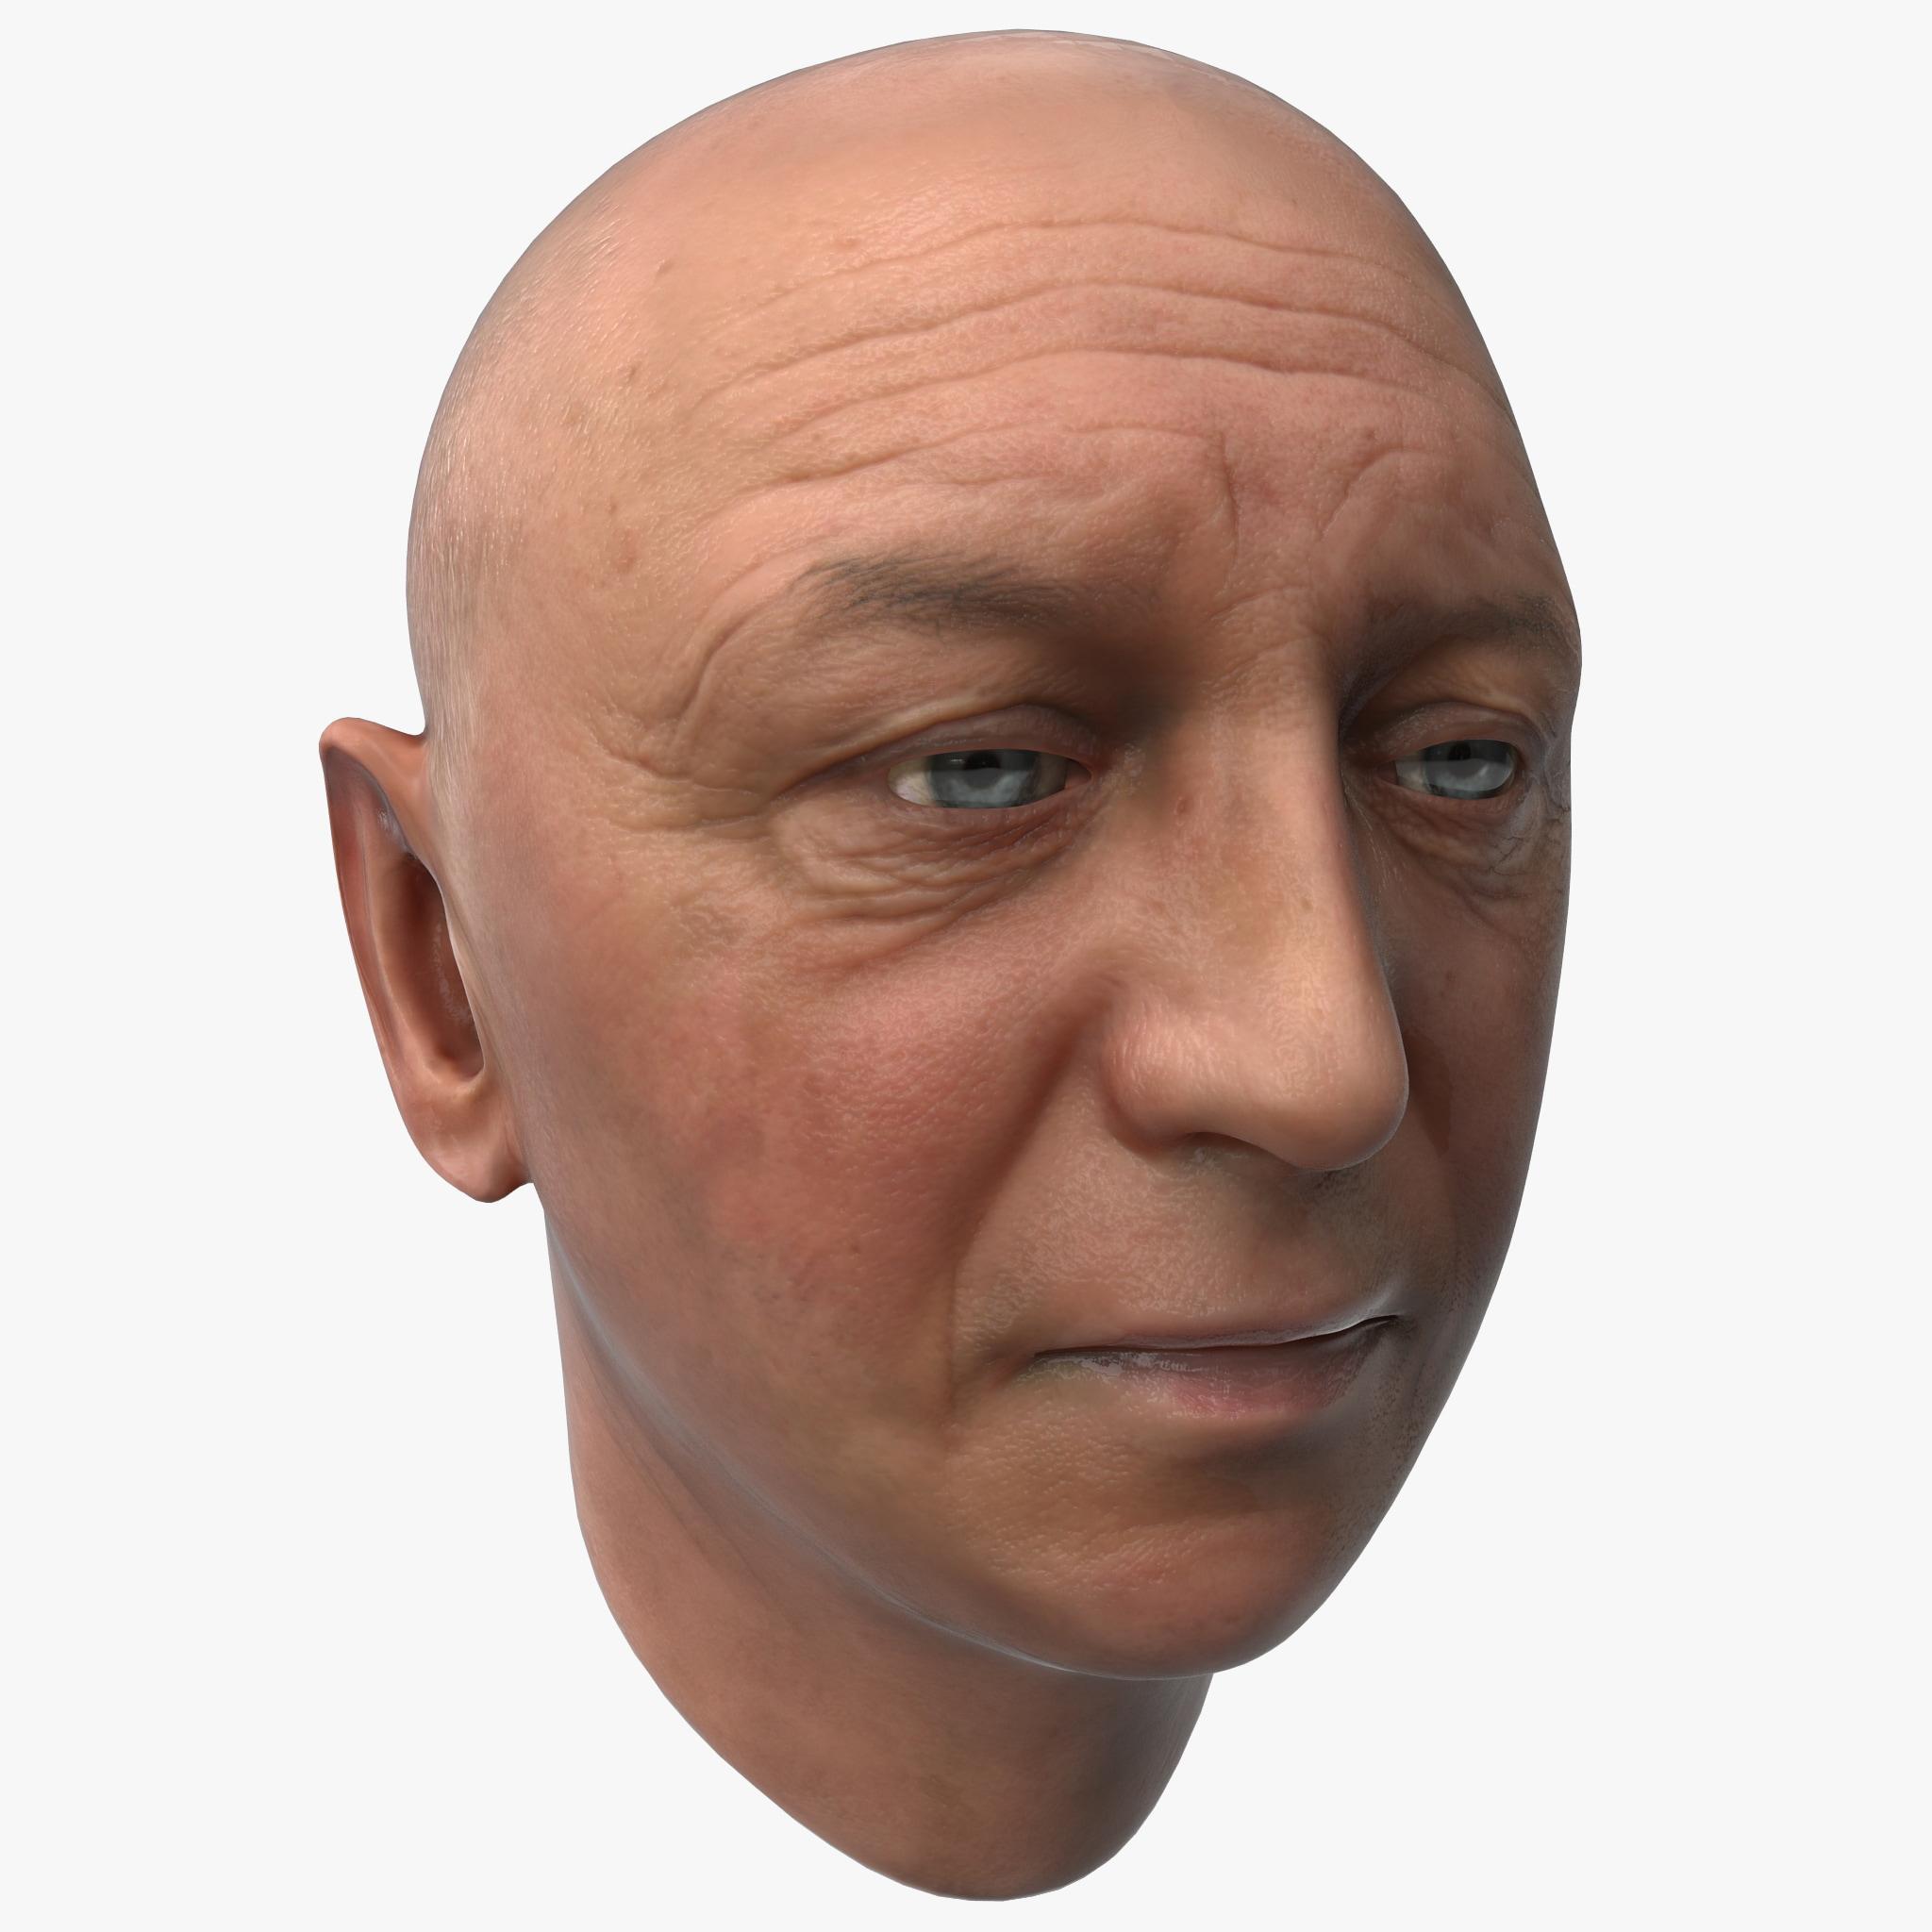 Male Head 12